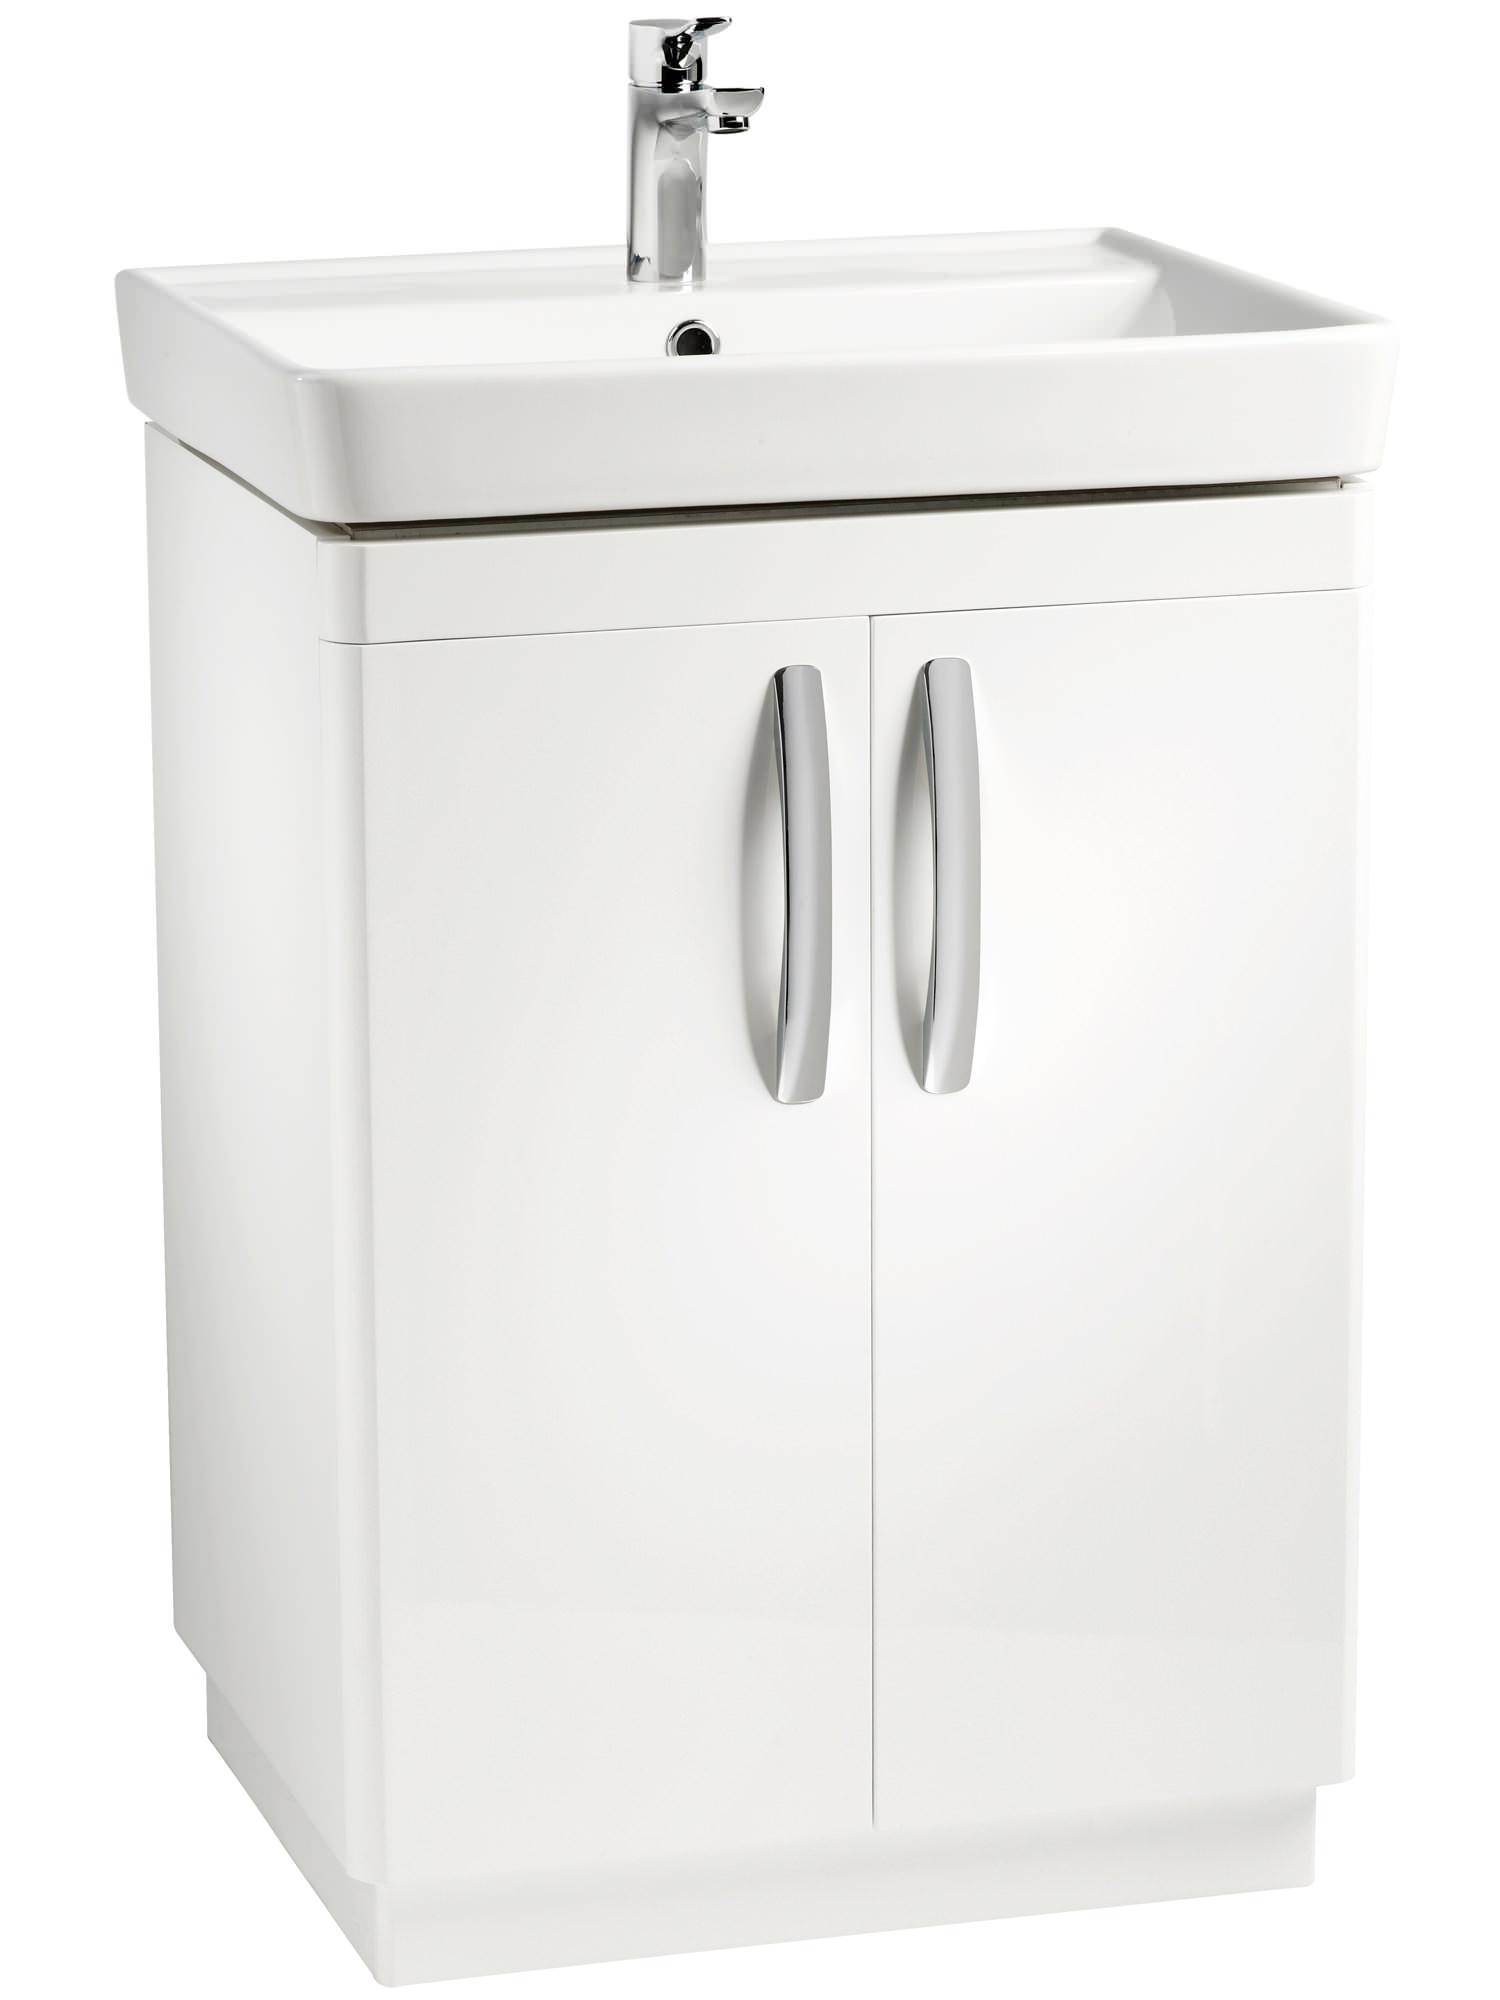 700mm freestanding bathroom vanity traditional bathroom vanities - Cm600fw